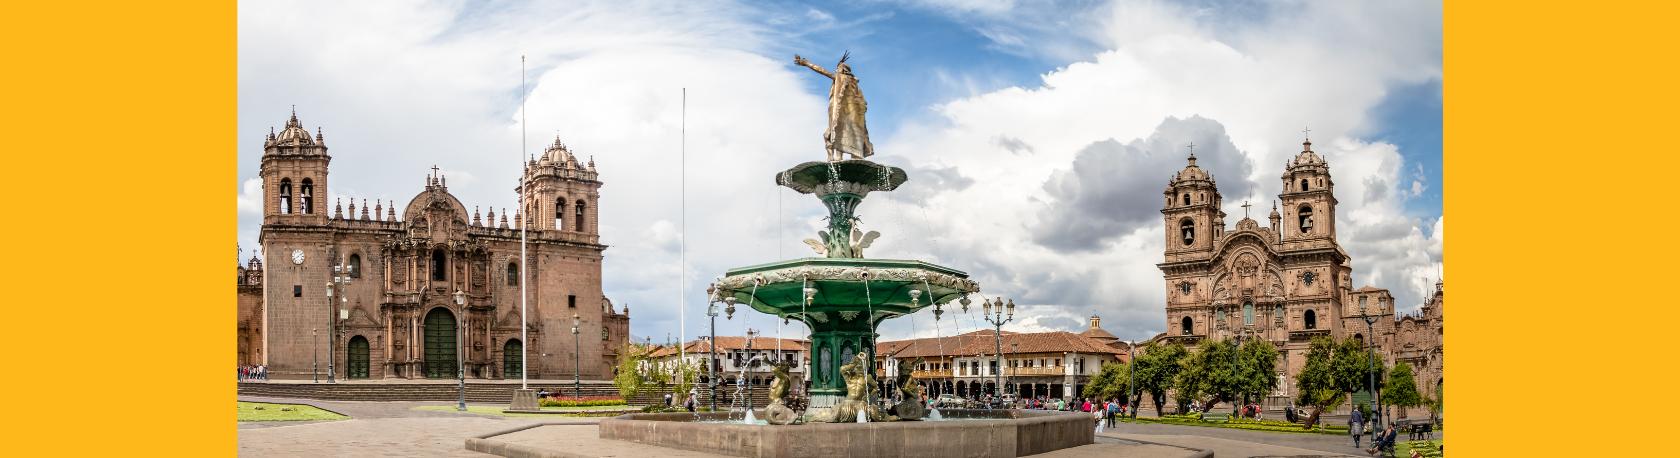 Let's go to Peru: Cusco Virtual Tour - Easy Español